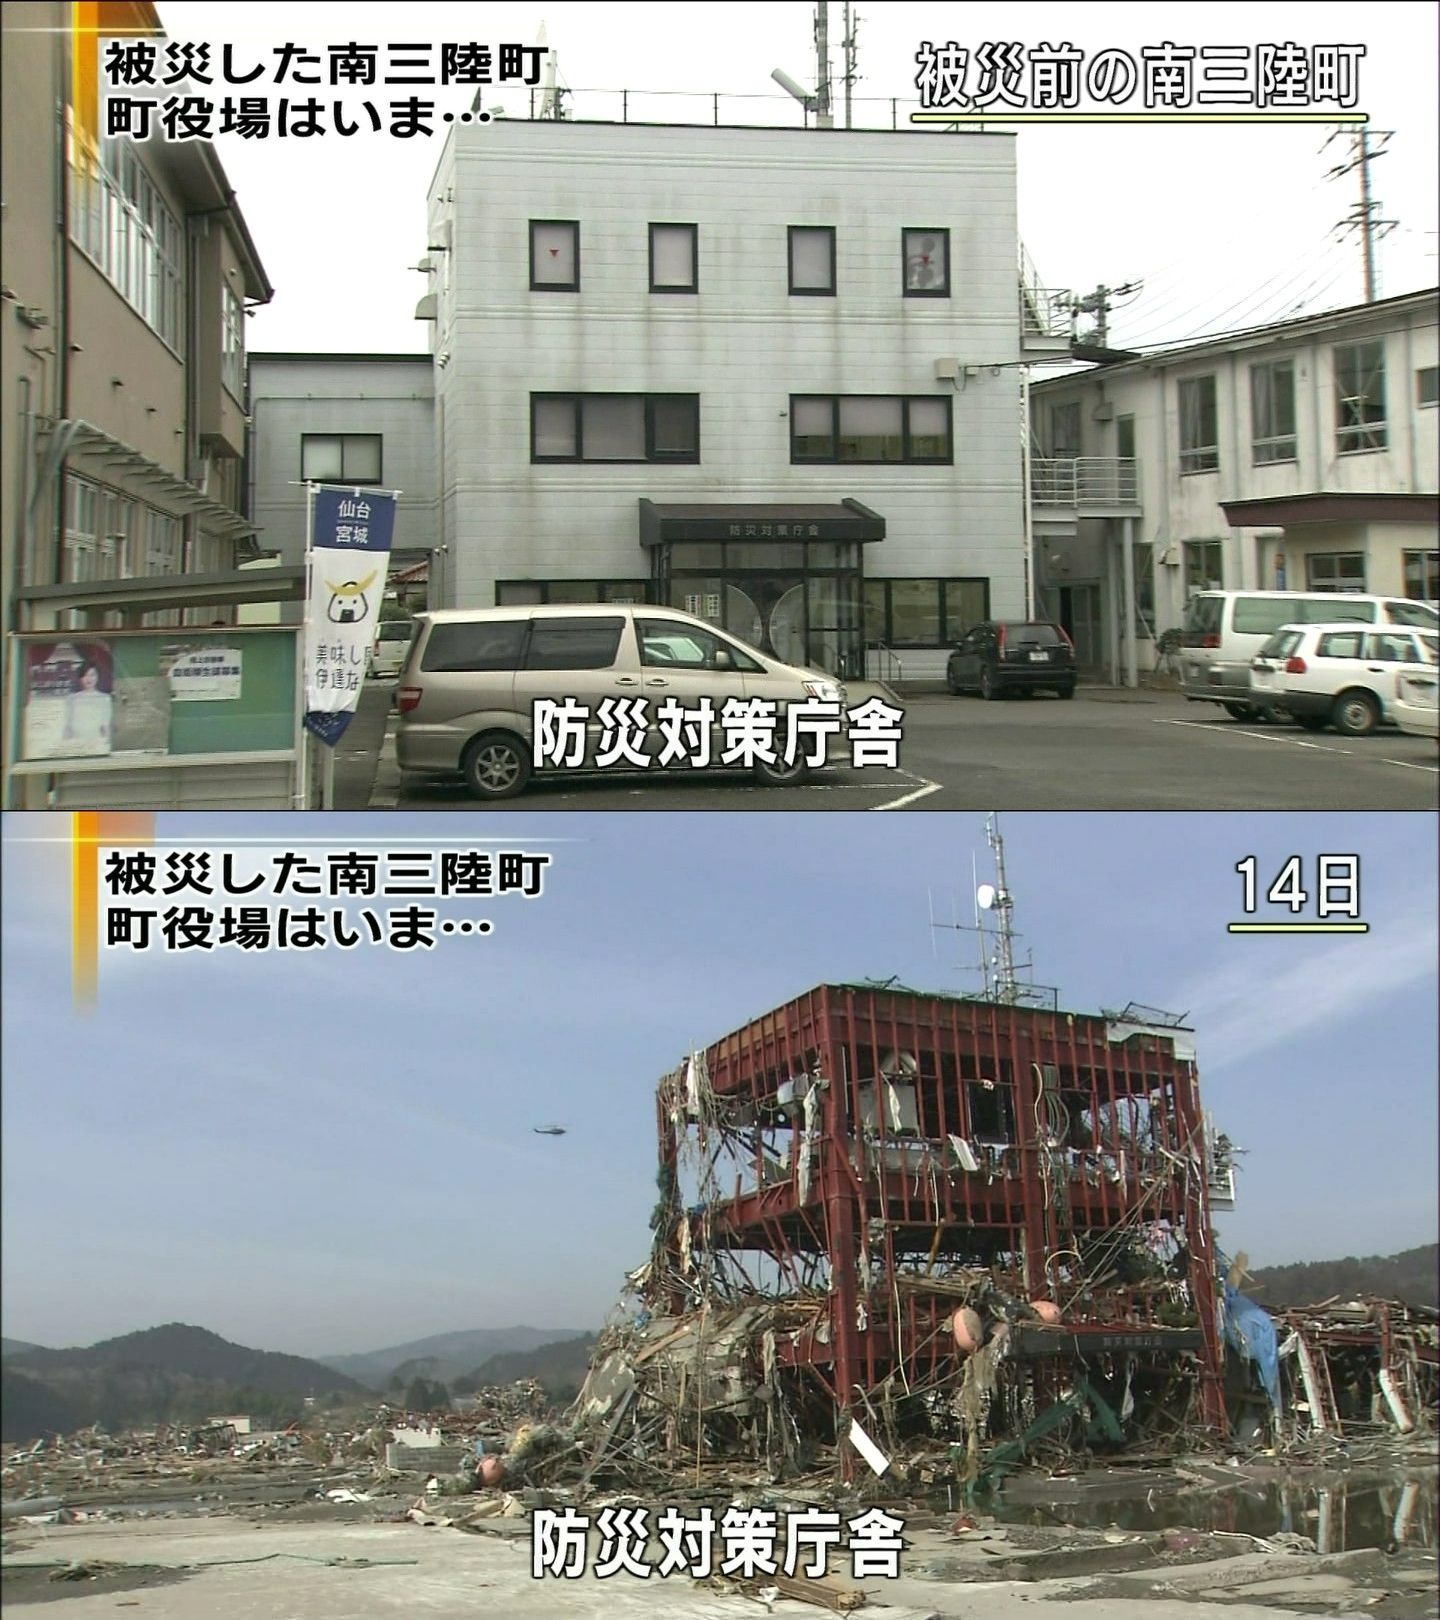 バイクで帰青!【5/14】 三陸被災地巡り~仙台の夜_d0061678_1327131.jpg